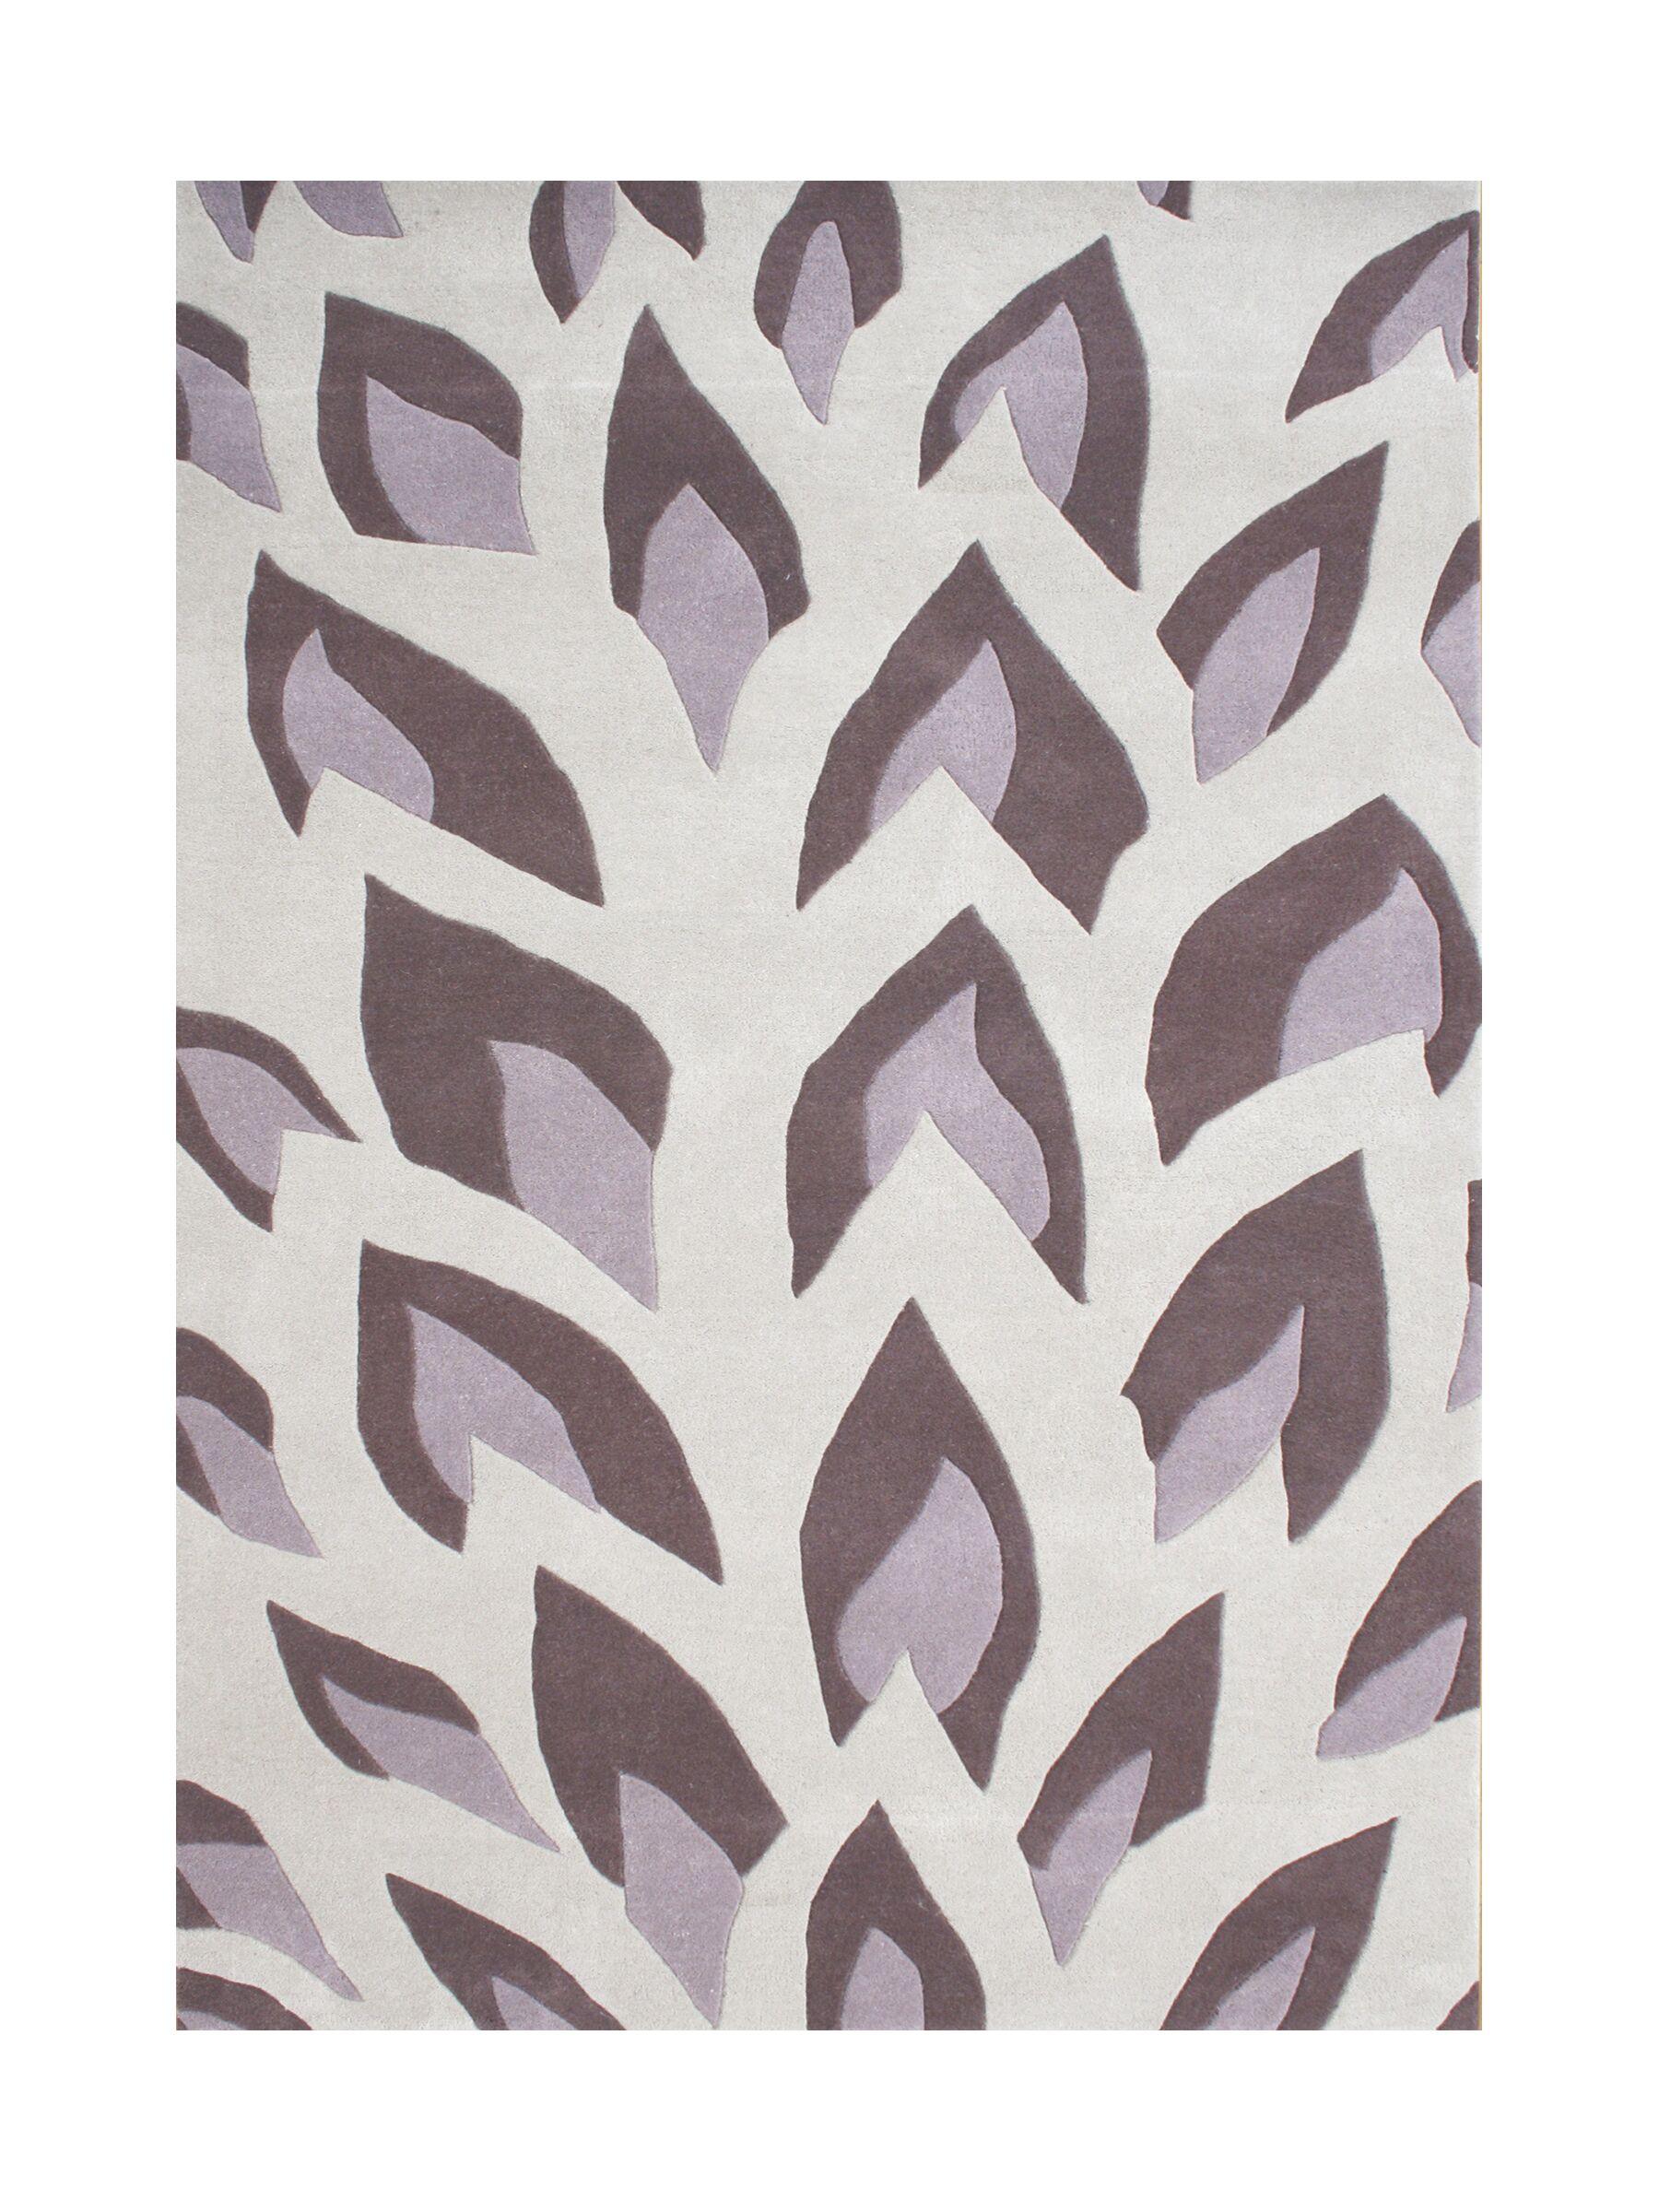 John Hand-Tufted Hushed Violet Area Rug Rug Size: Rectangle 5' x 8'